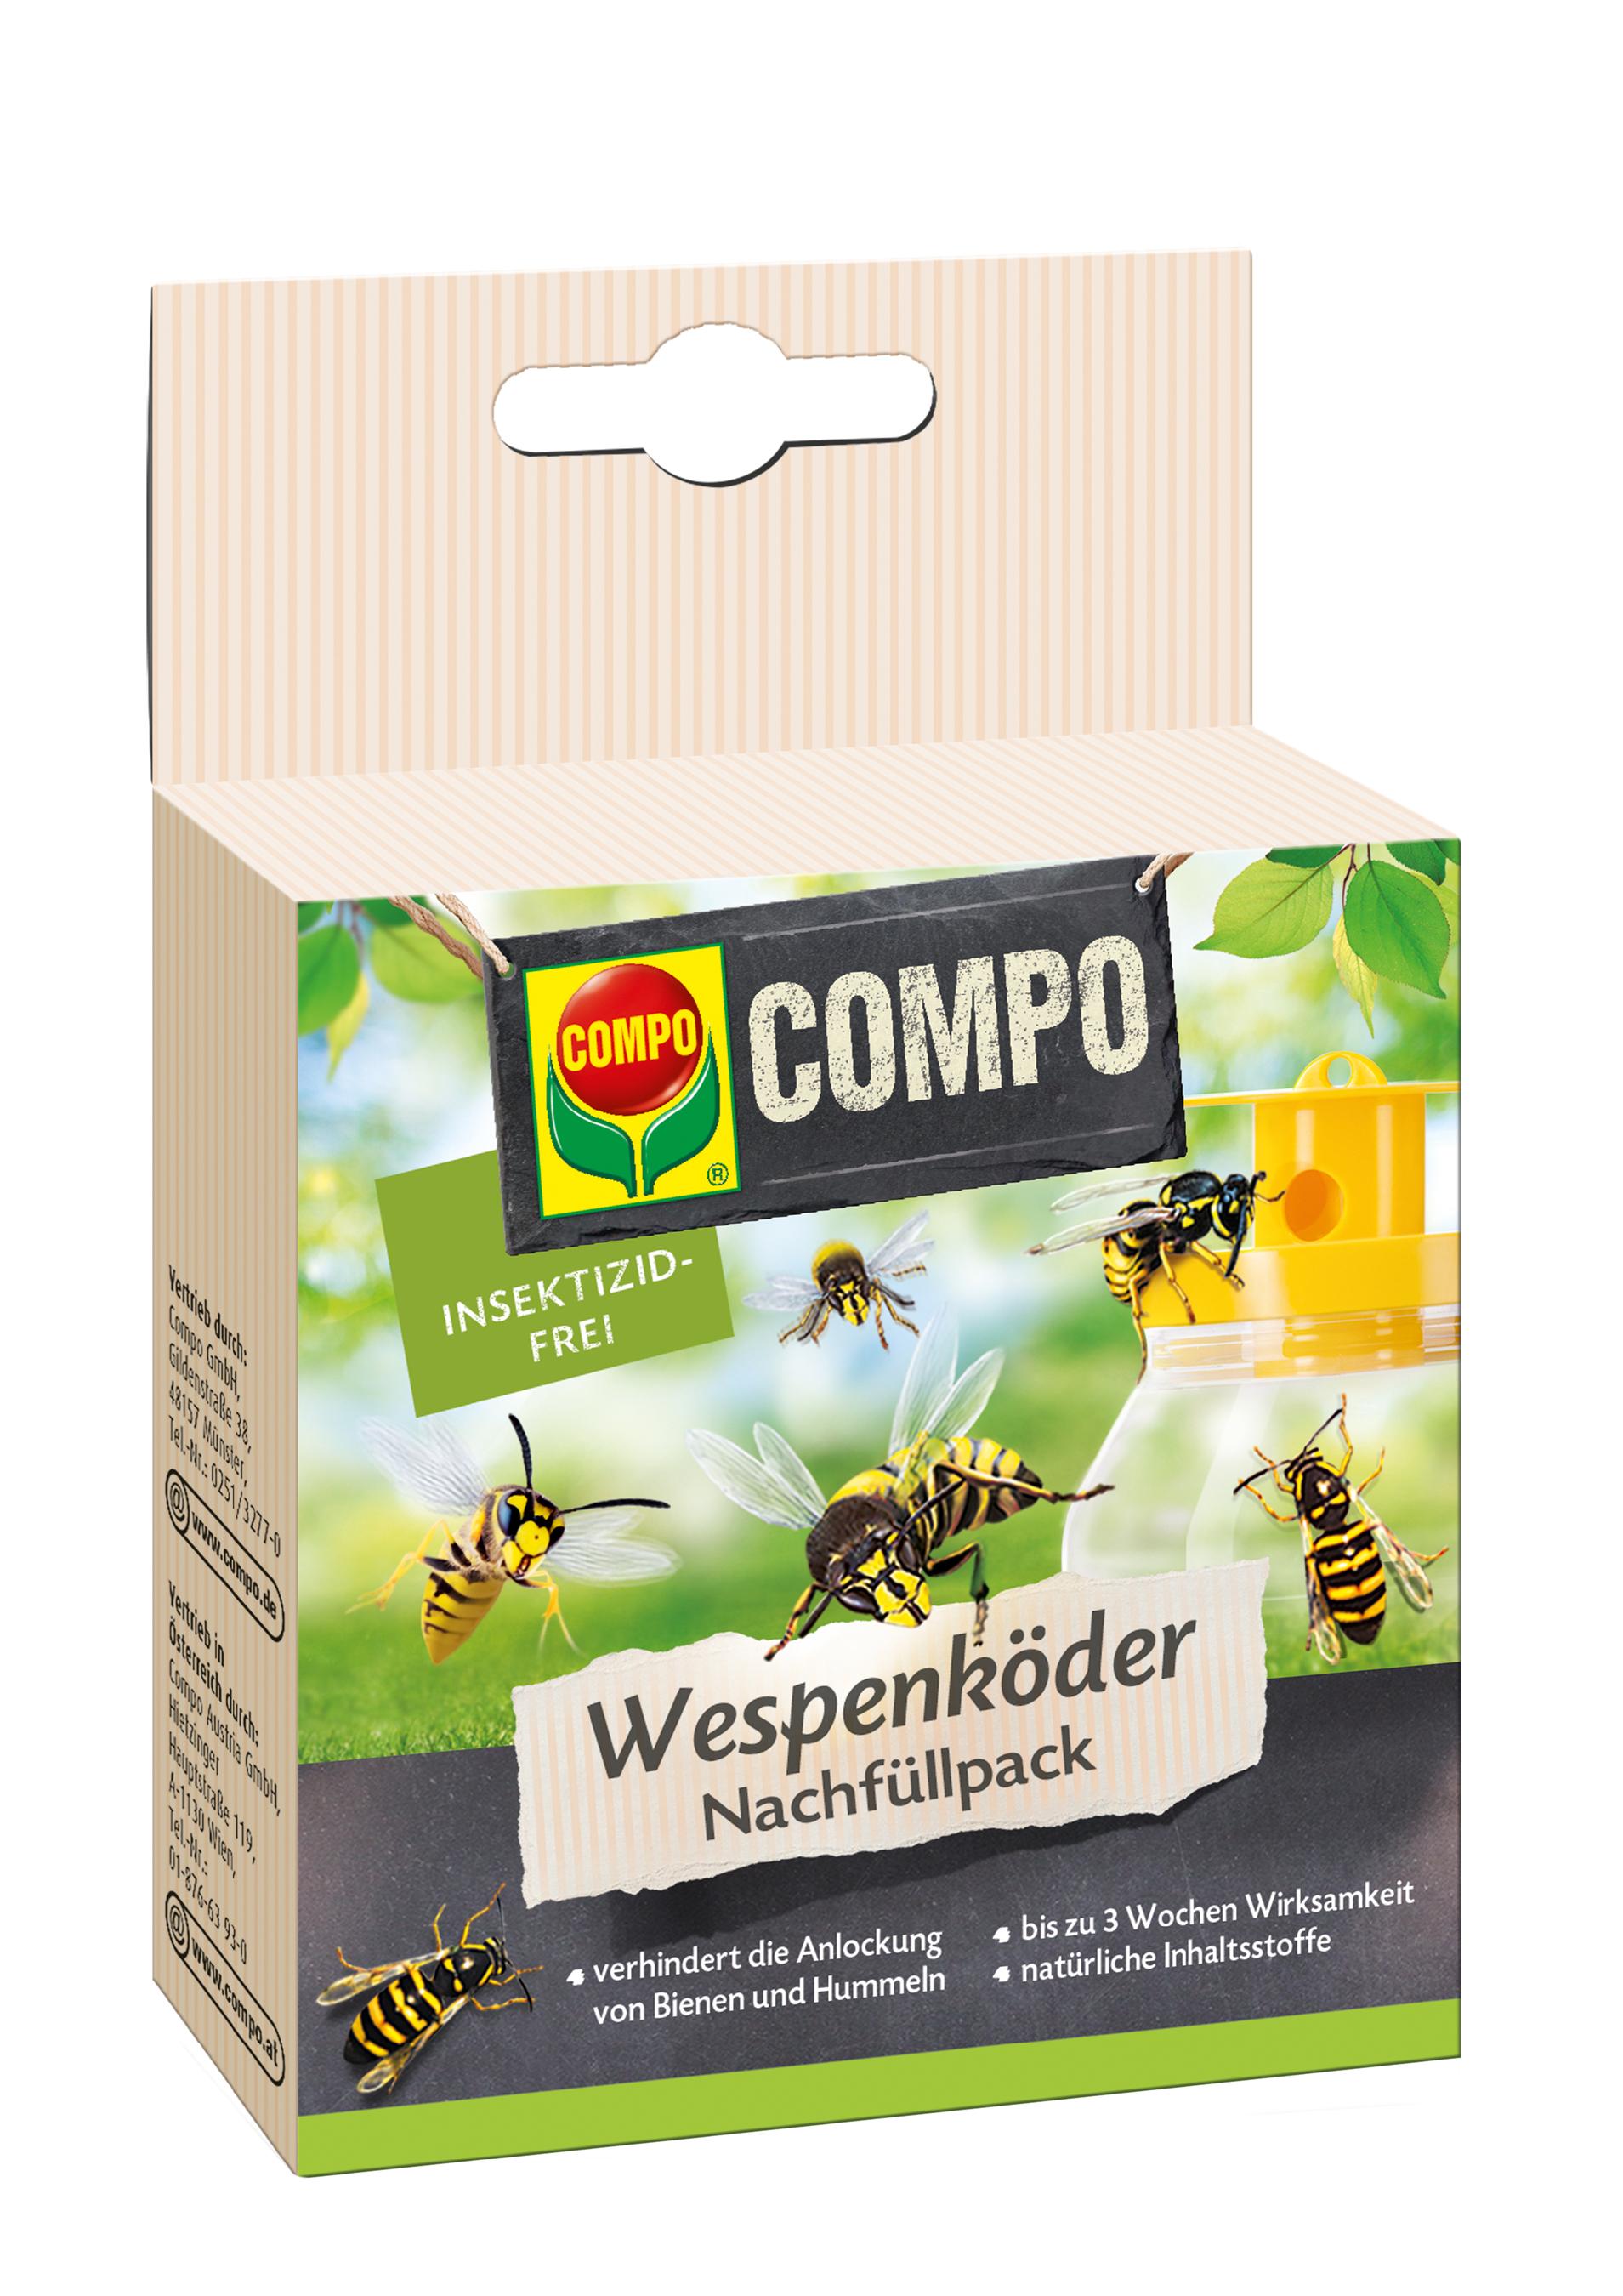 COMPO Wespenfalle Köder Nachfüllpack 3 Stück Bild 1